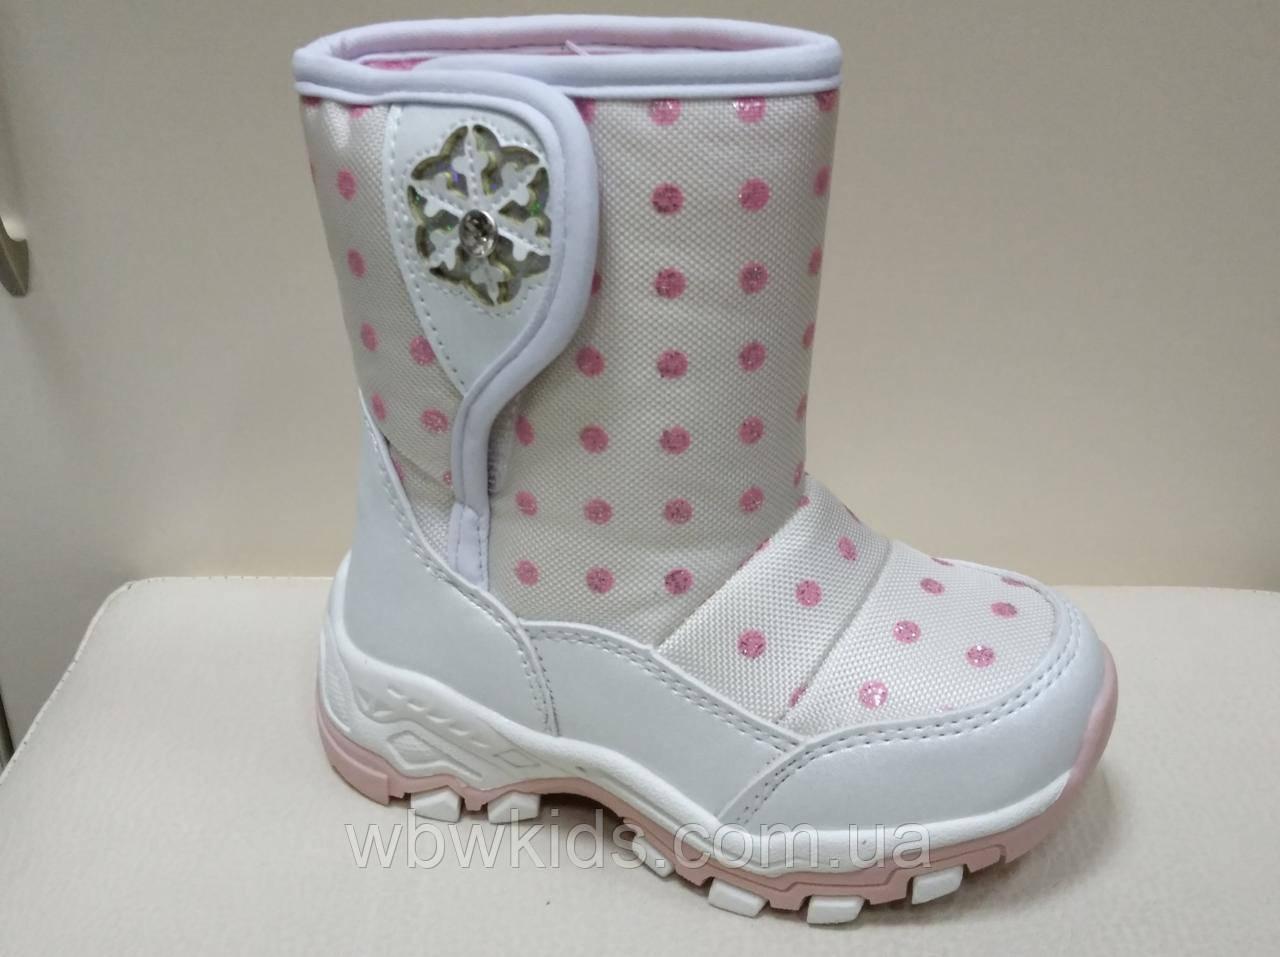 Зимние сапоги дутики детские Weestep R873637216W для девочки